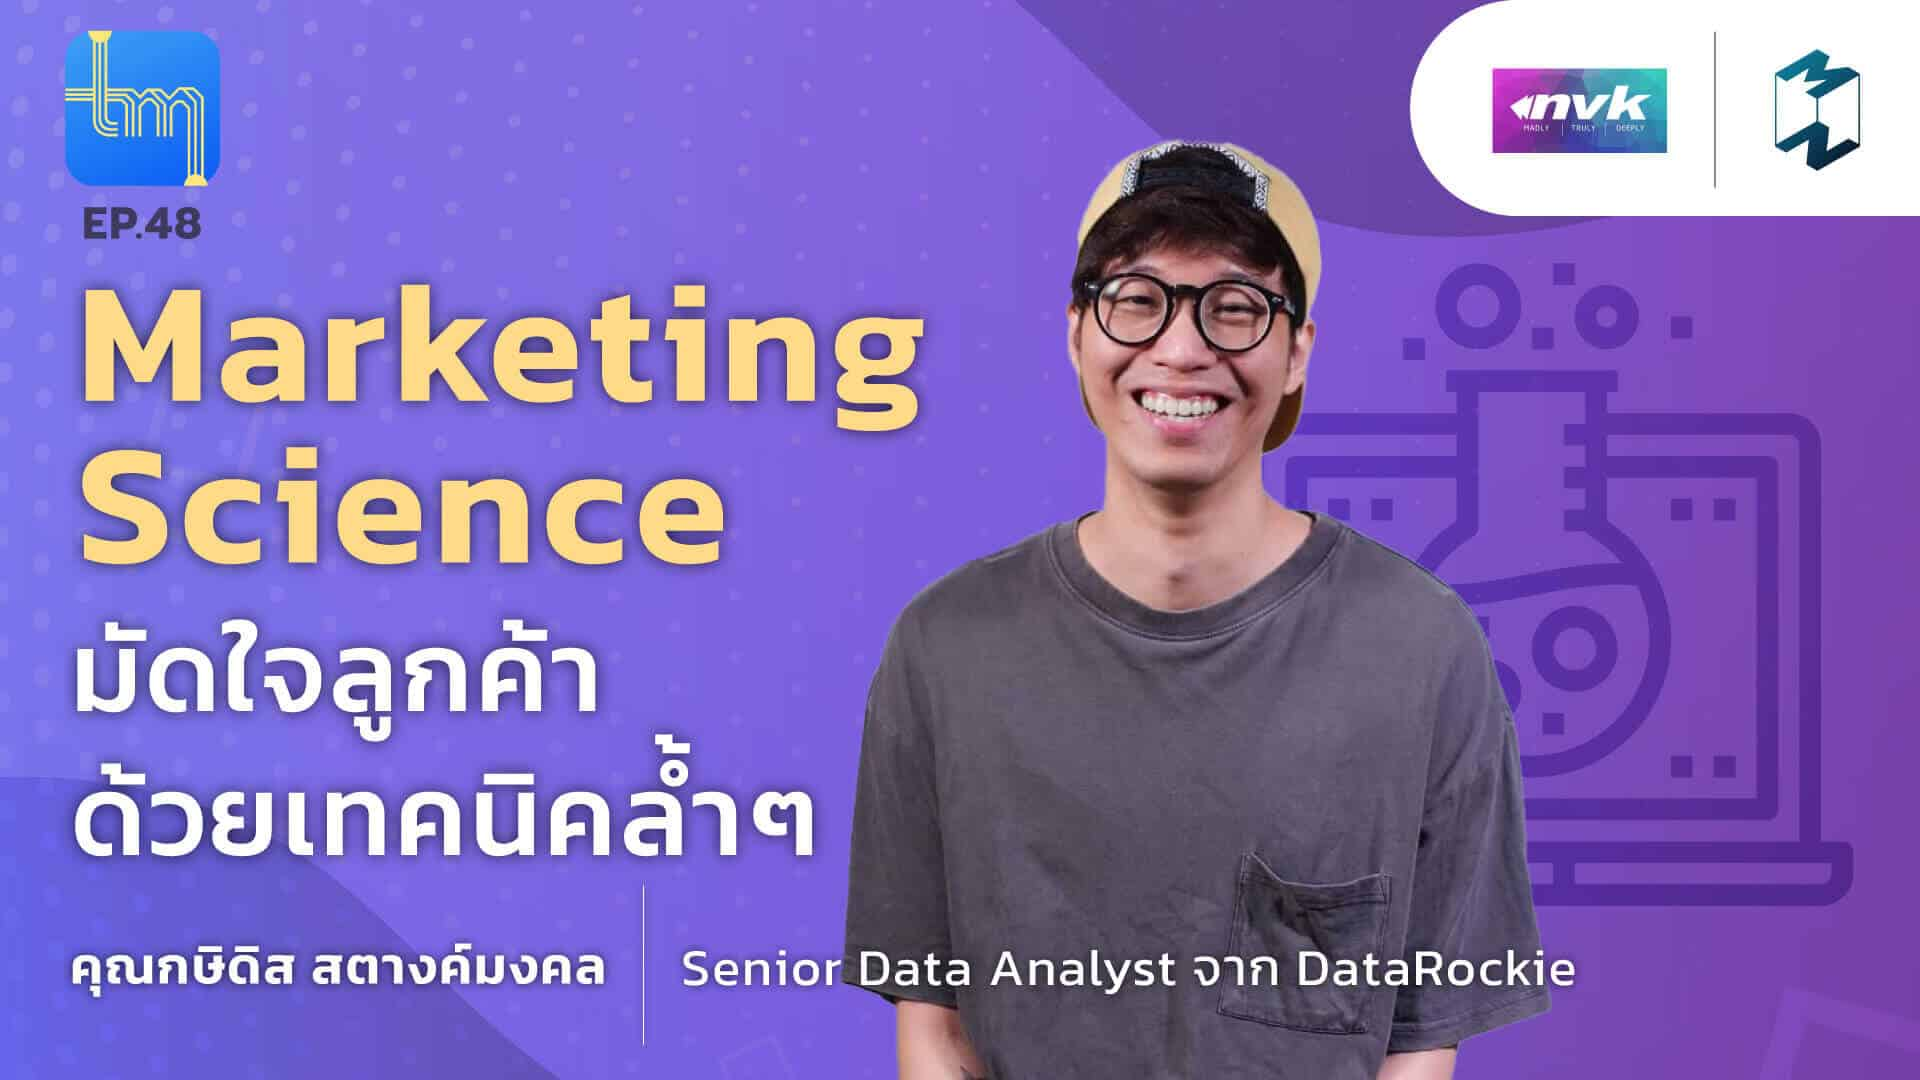 Marketing Science มัดใจลูกค้าด้วยเทคนิคล้ำๆ กับคุณกษิดิศ สตางค์มงคล | Tech Monday EP.48